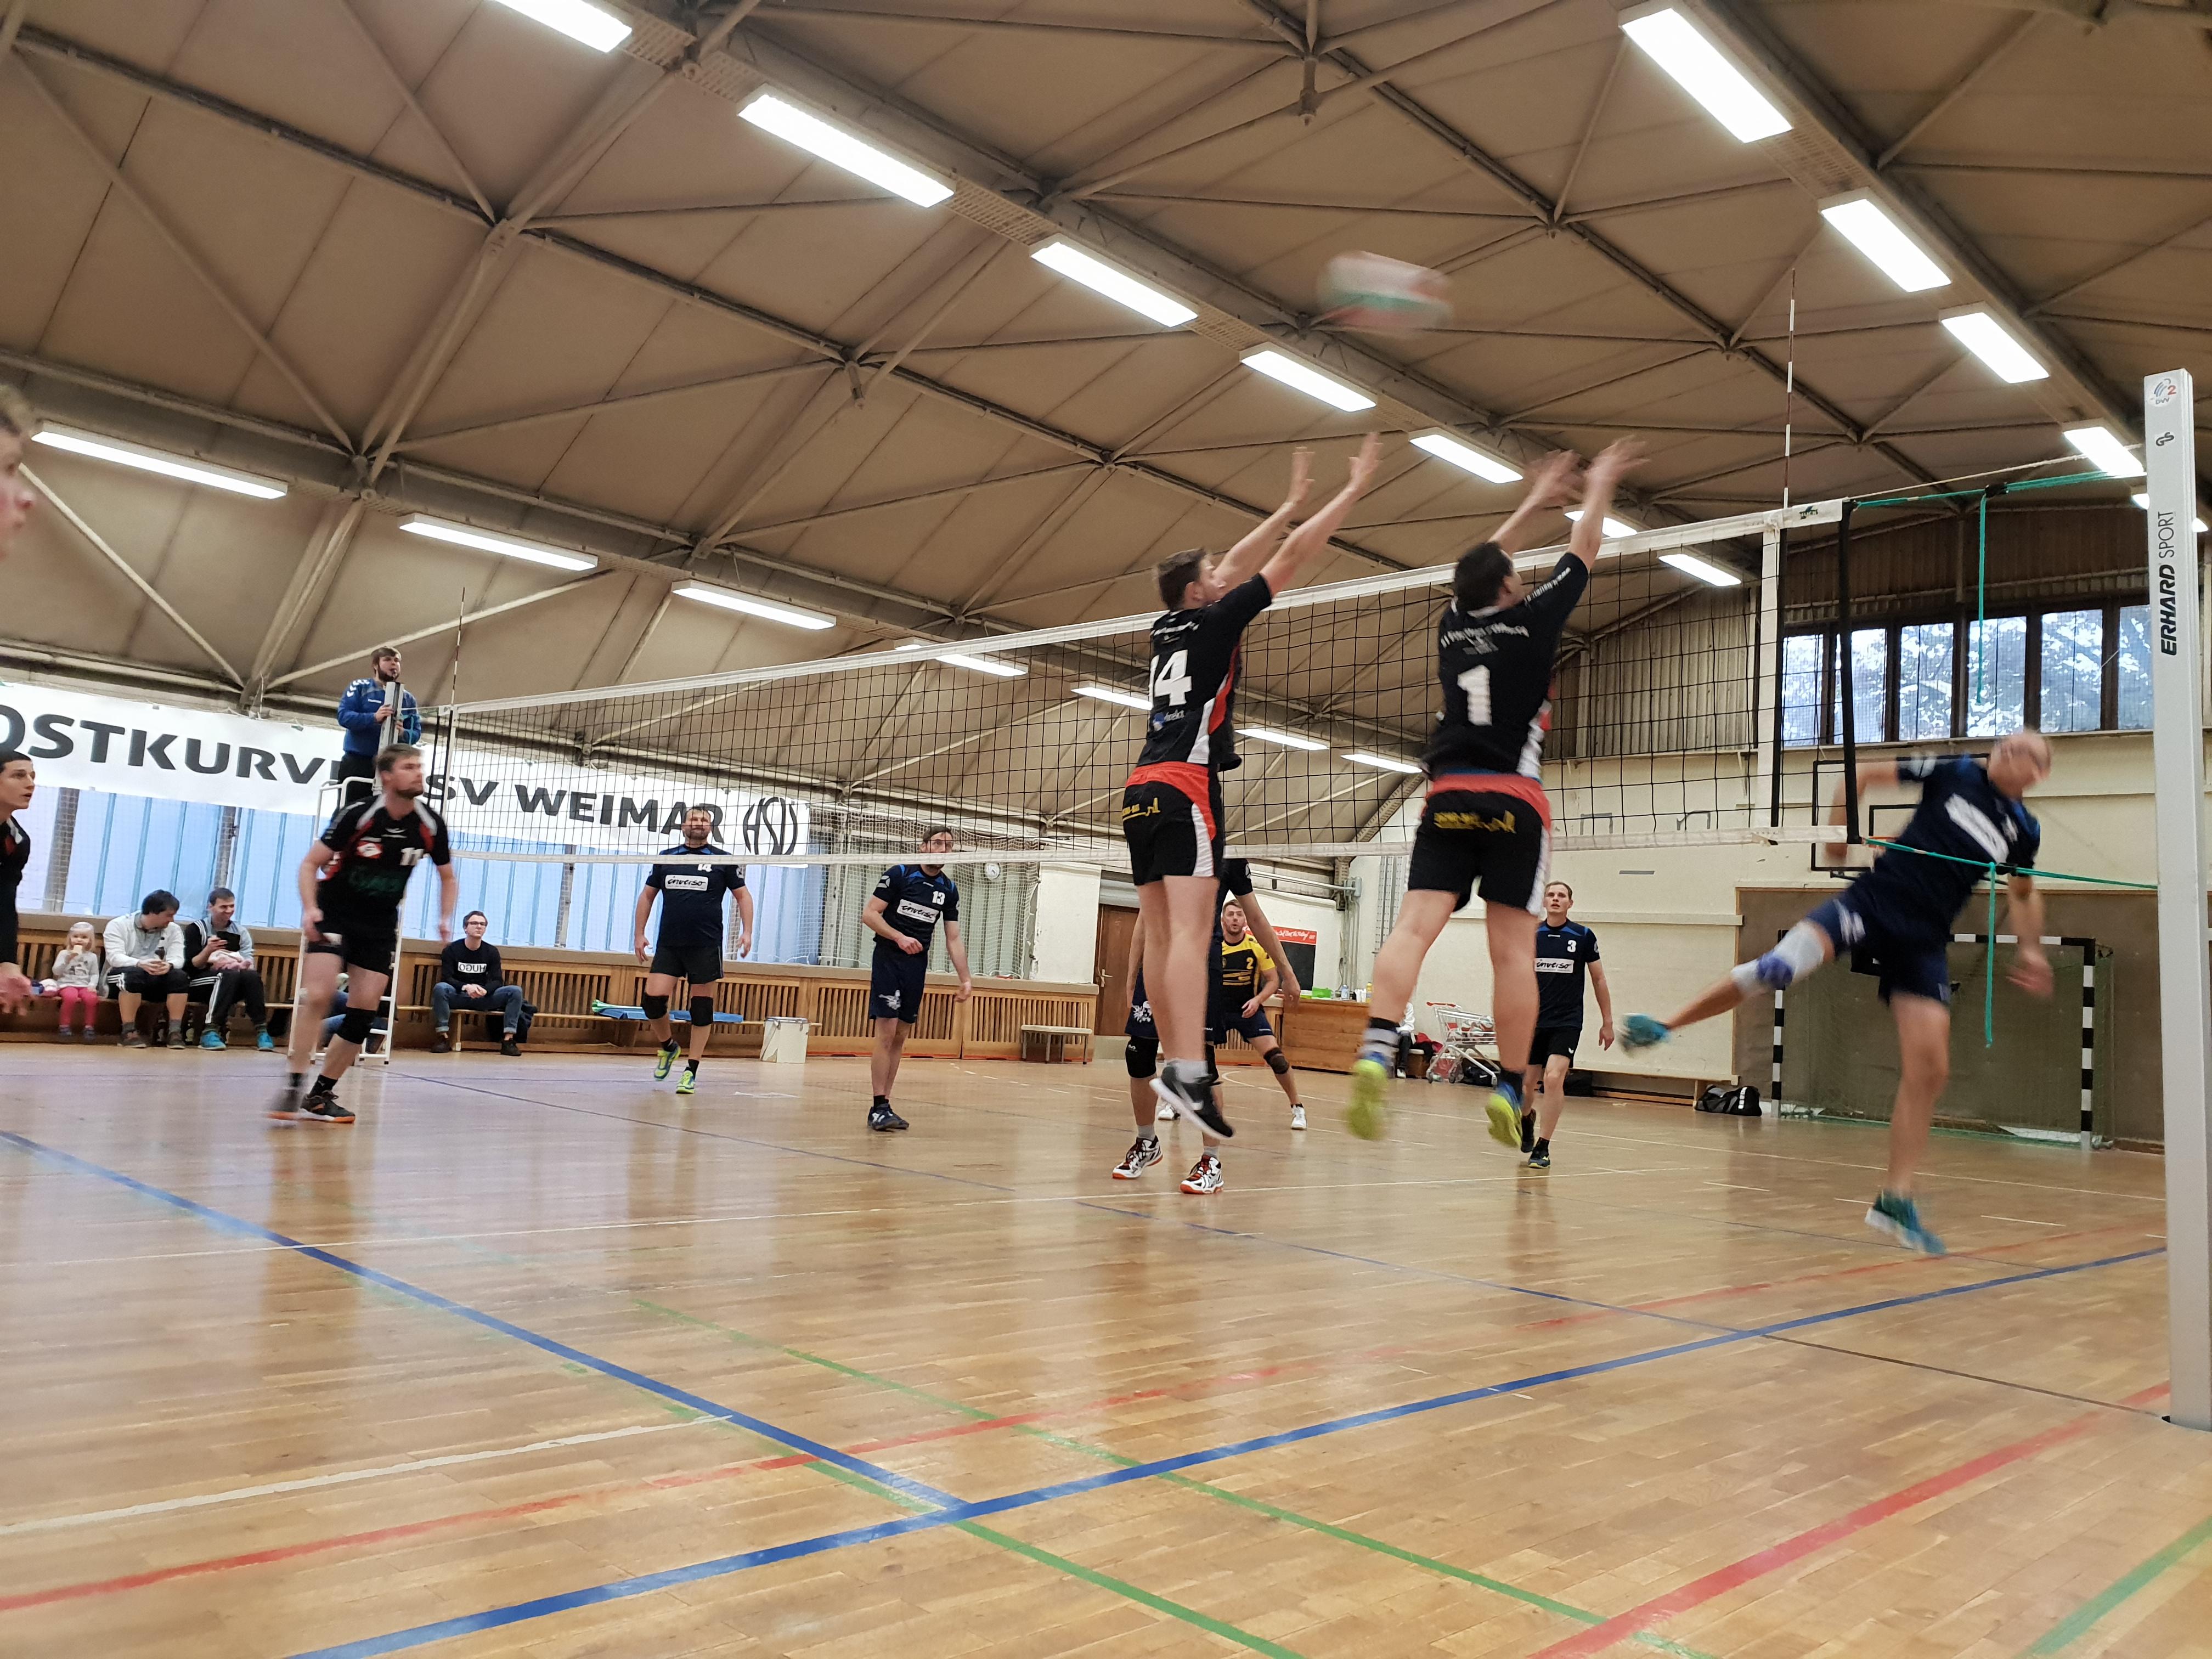 Bezirksliga Ost - Pöẞnecker Volleyballer mit erster Niederlage der Saison